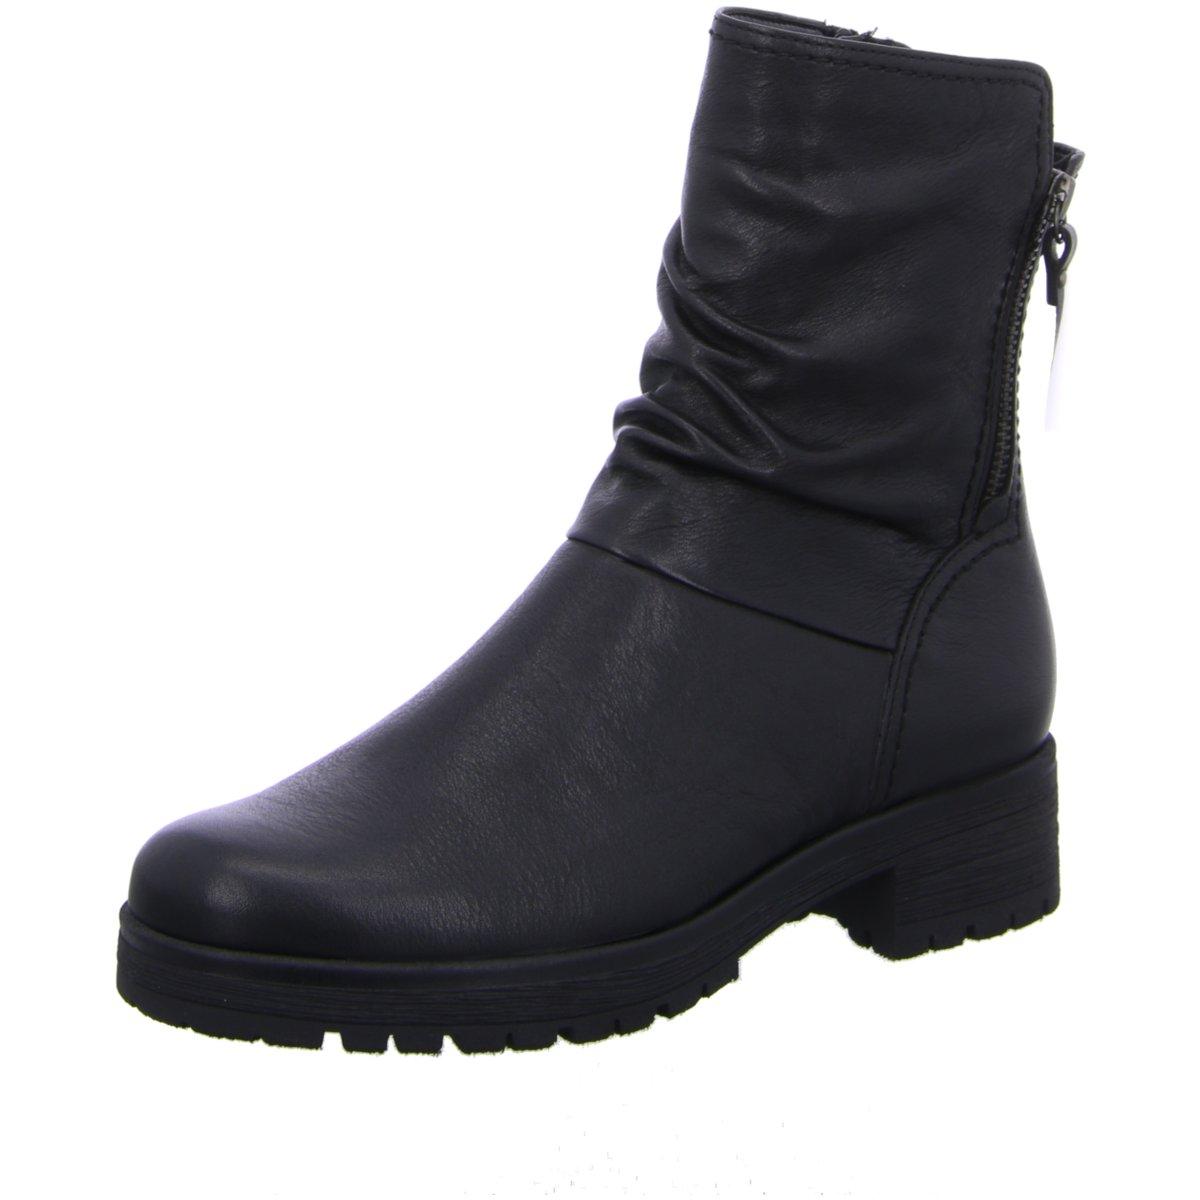 Gabor comfort Damen Stiefeletten Genua 92.092.27 schwarz 170473    Billiger als der Preis